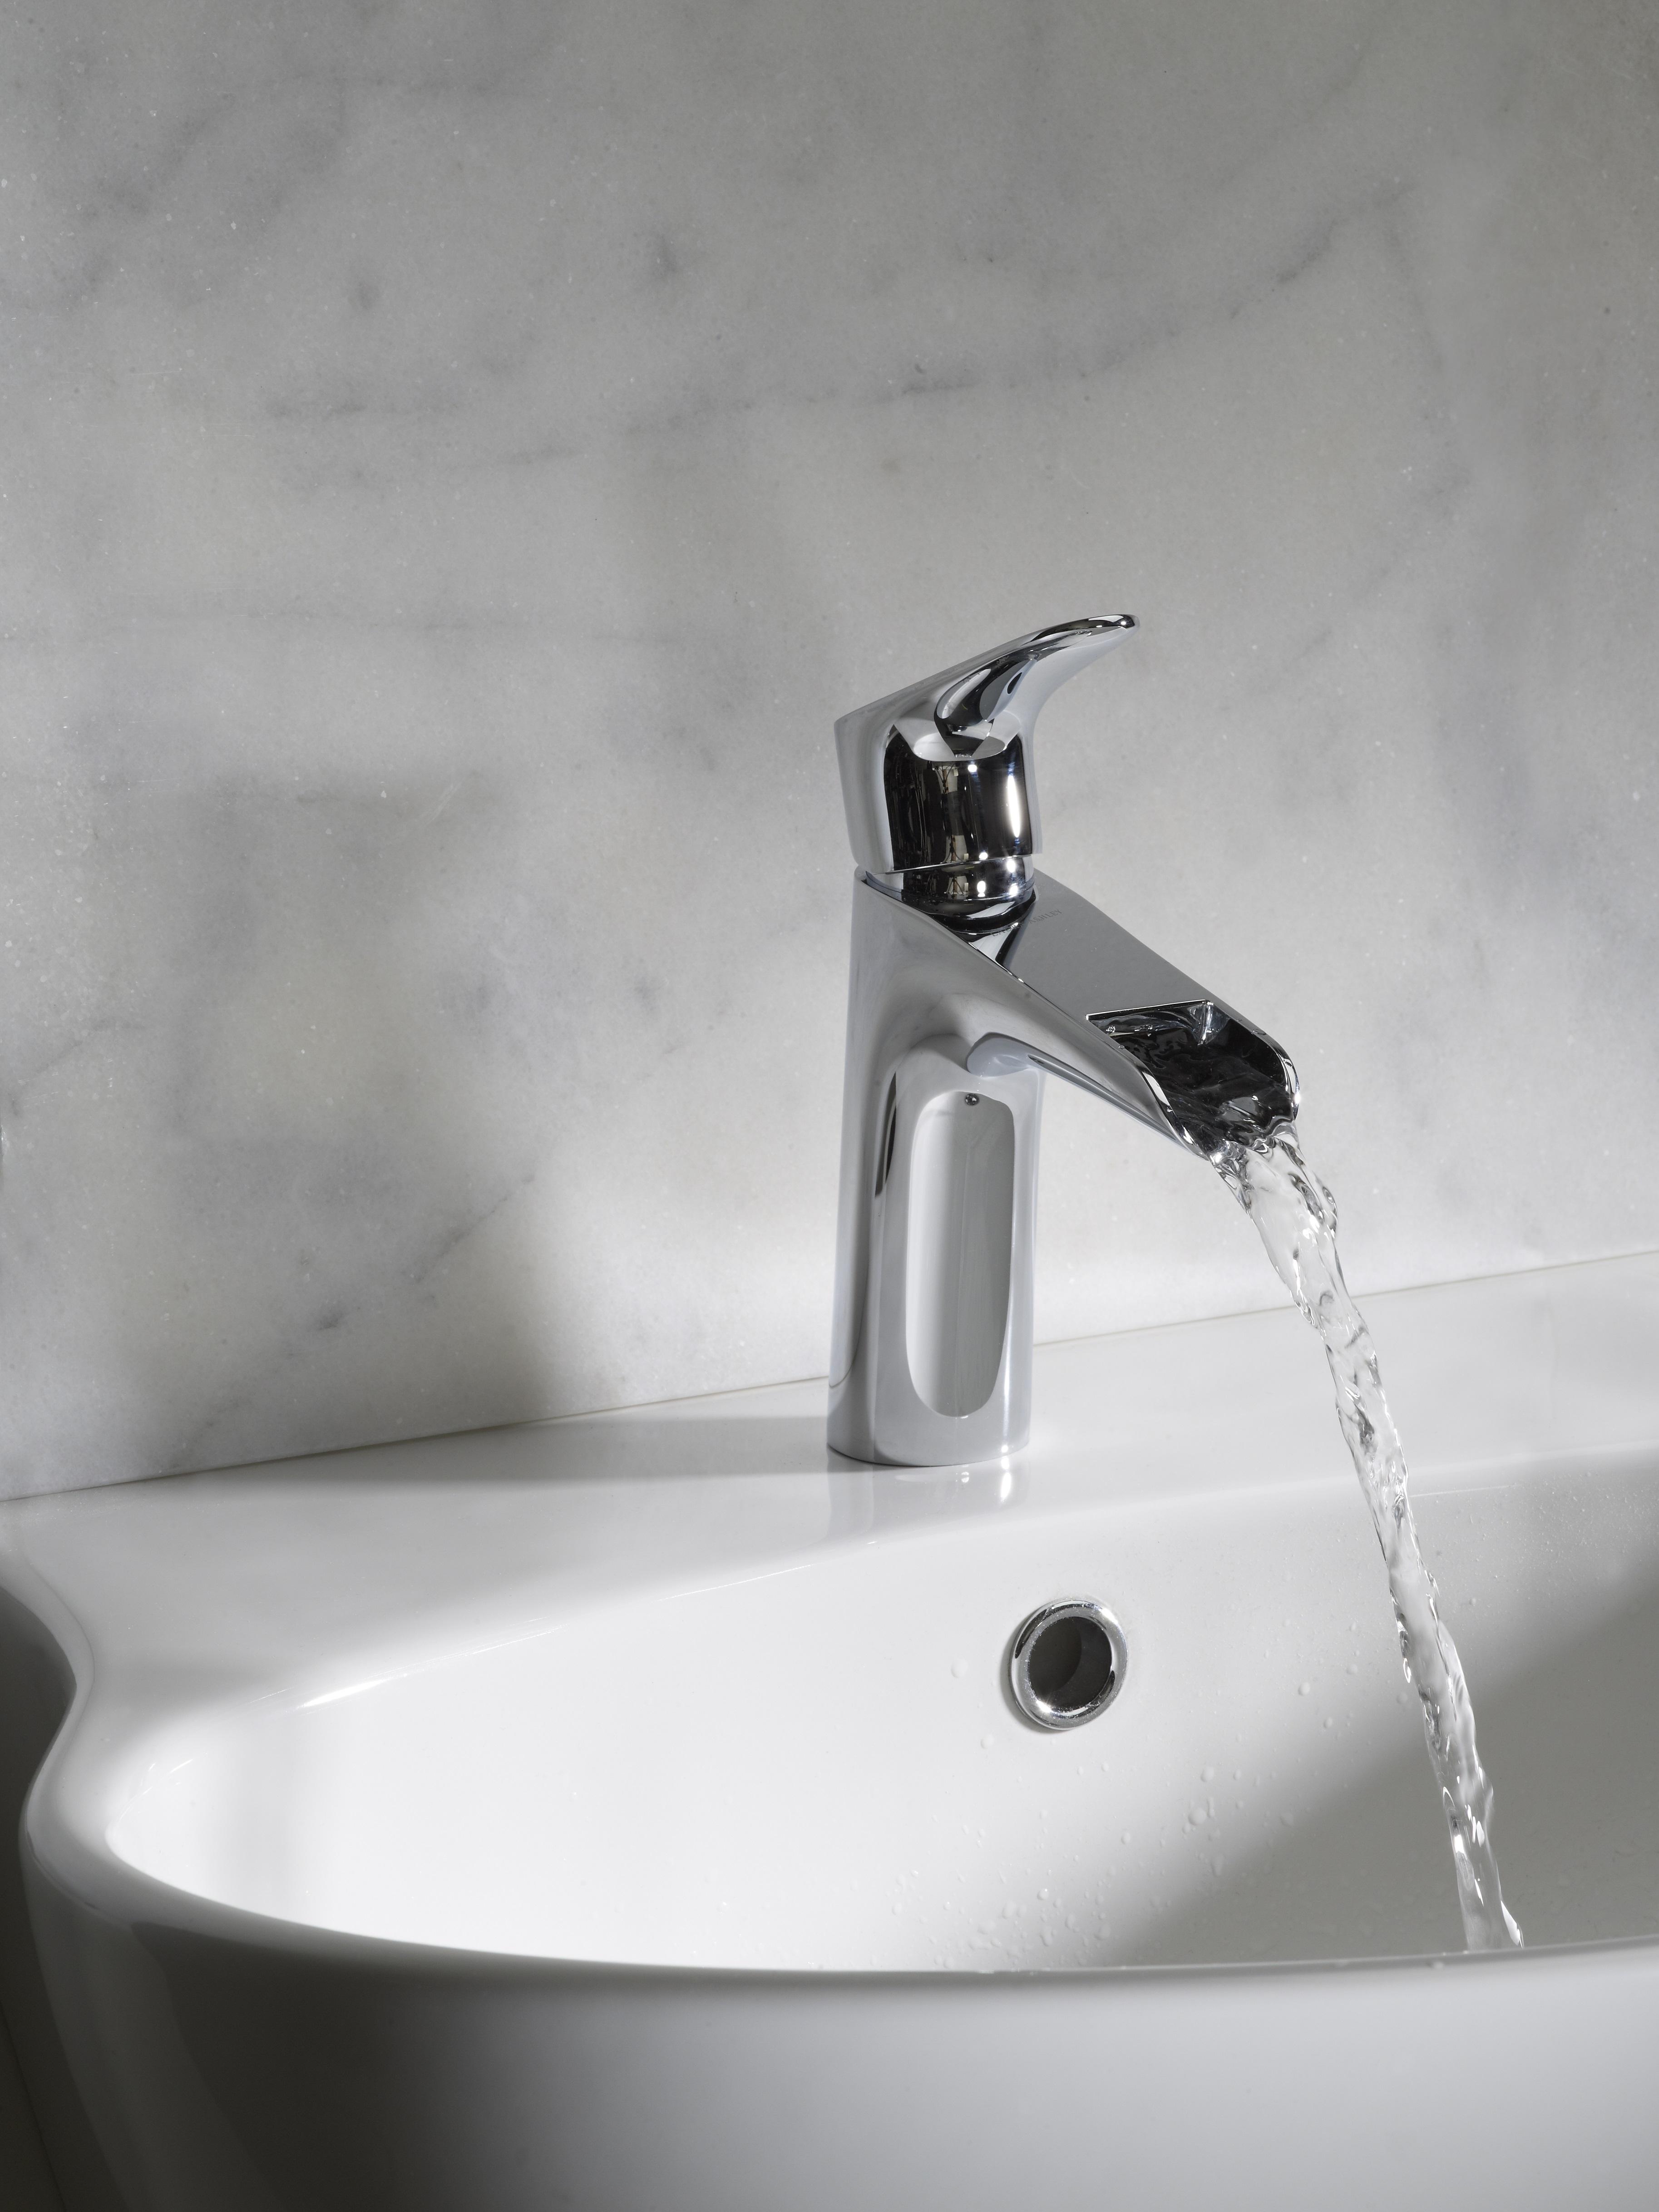 Lucca basin mixer lifestyle shot